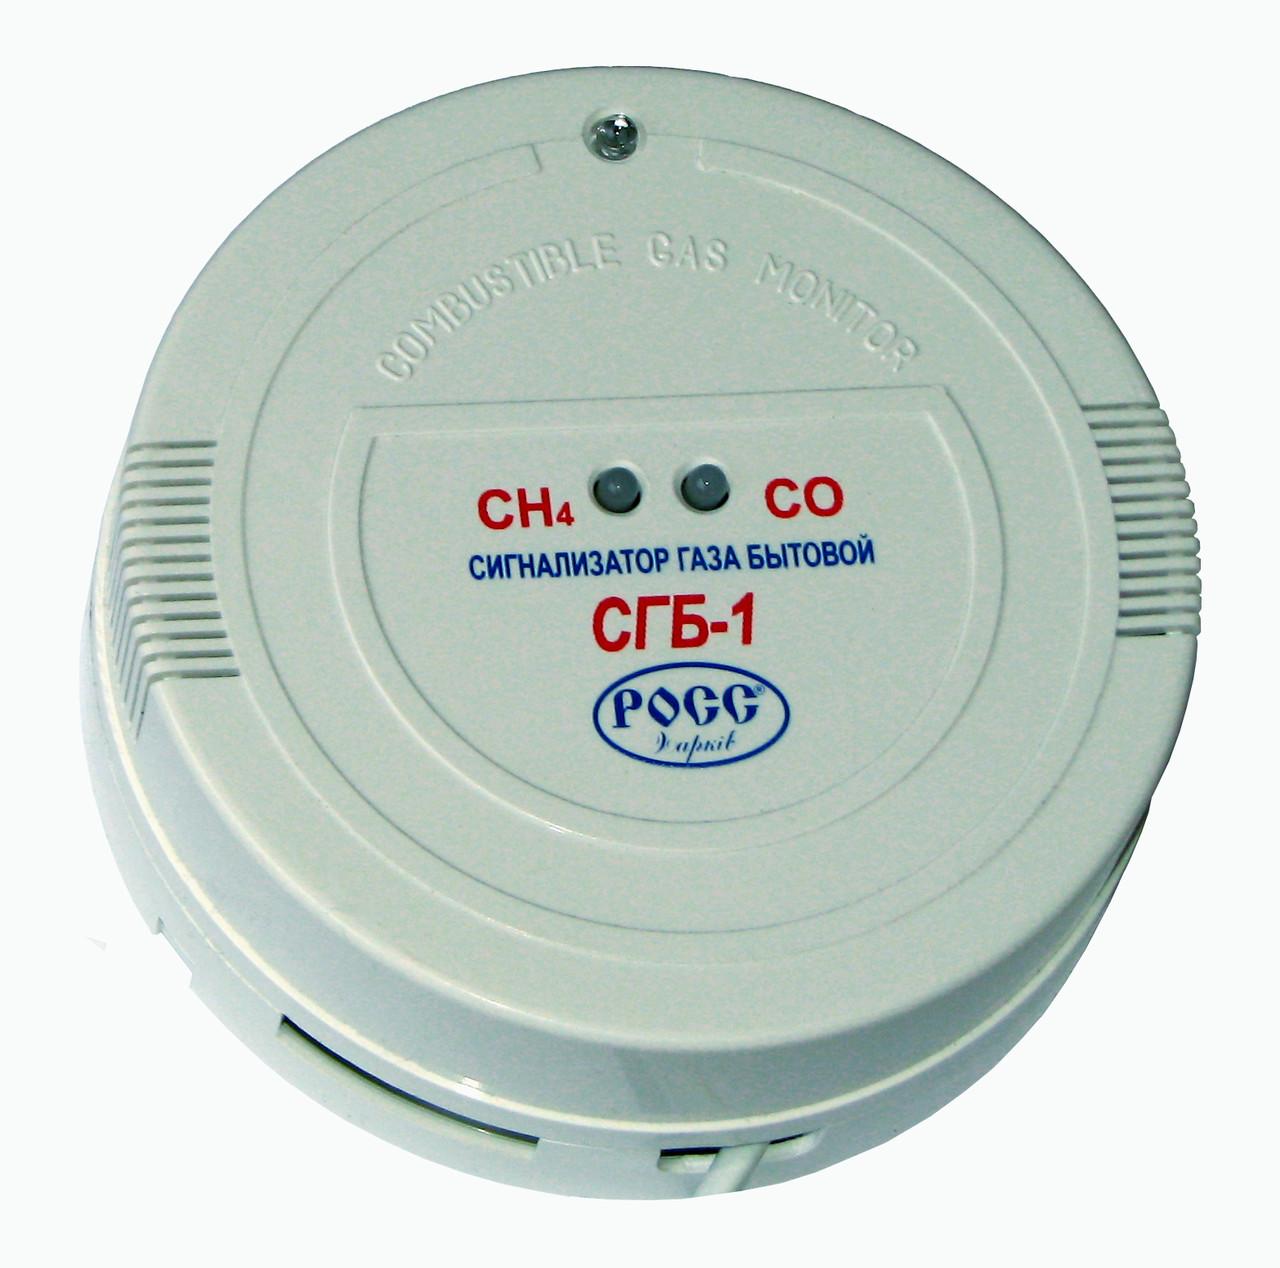 Сигнализатор газа бытовой РОСС СГБ-1-5Б